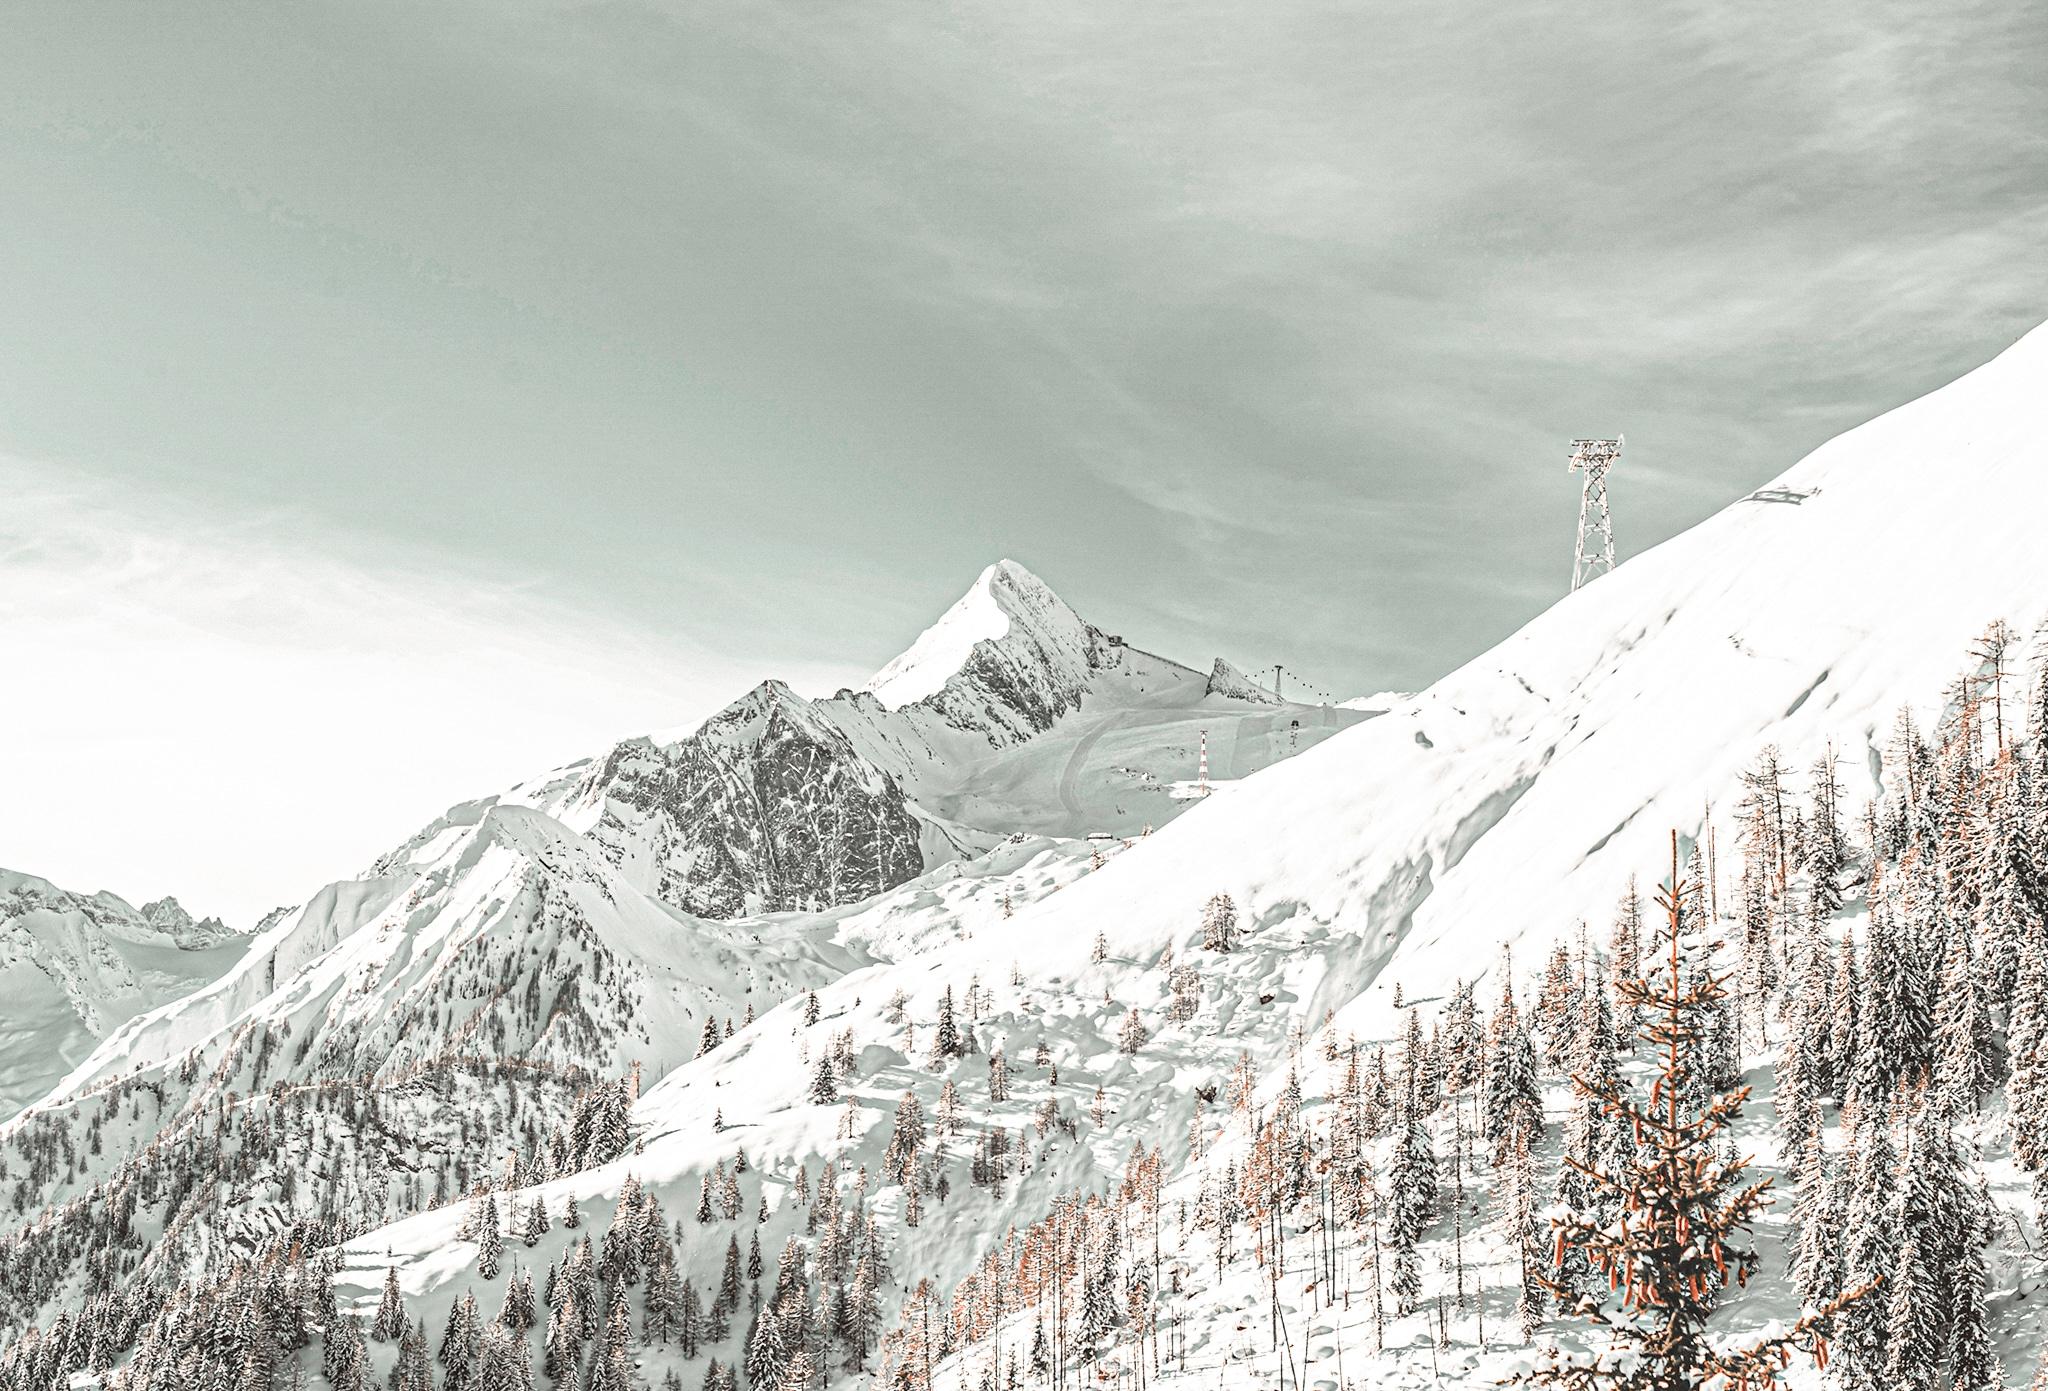 Alpenhaus Kaprun - Zell am See - Skiurlaub - Winter in Österreich - Skiurlaub